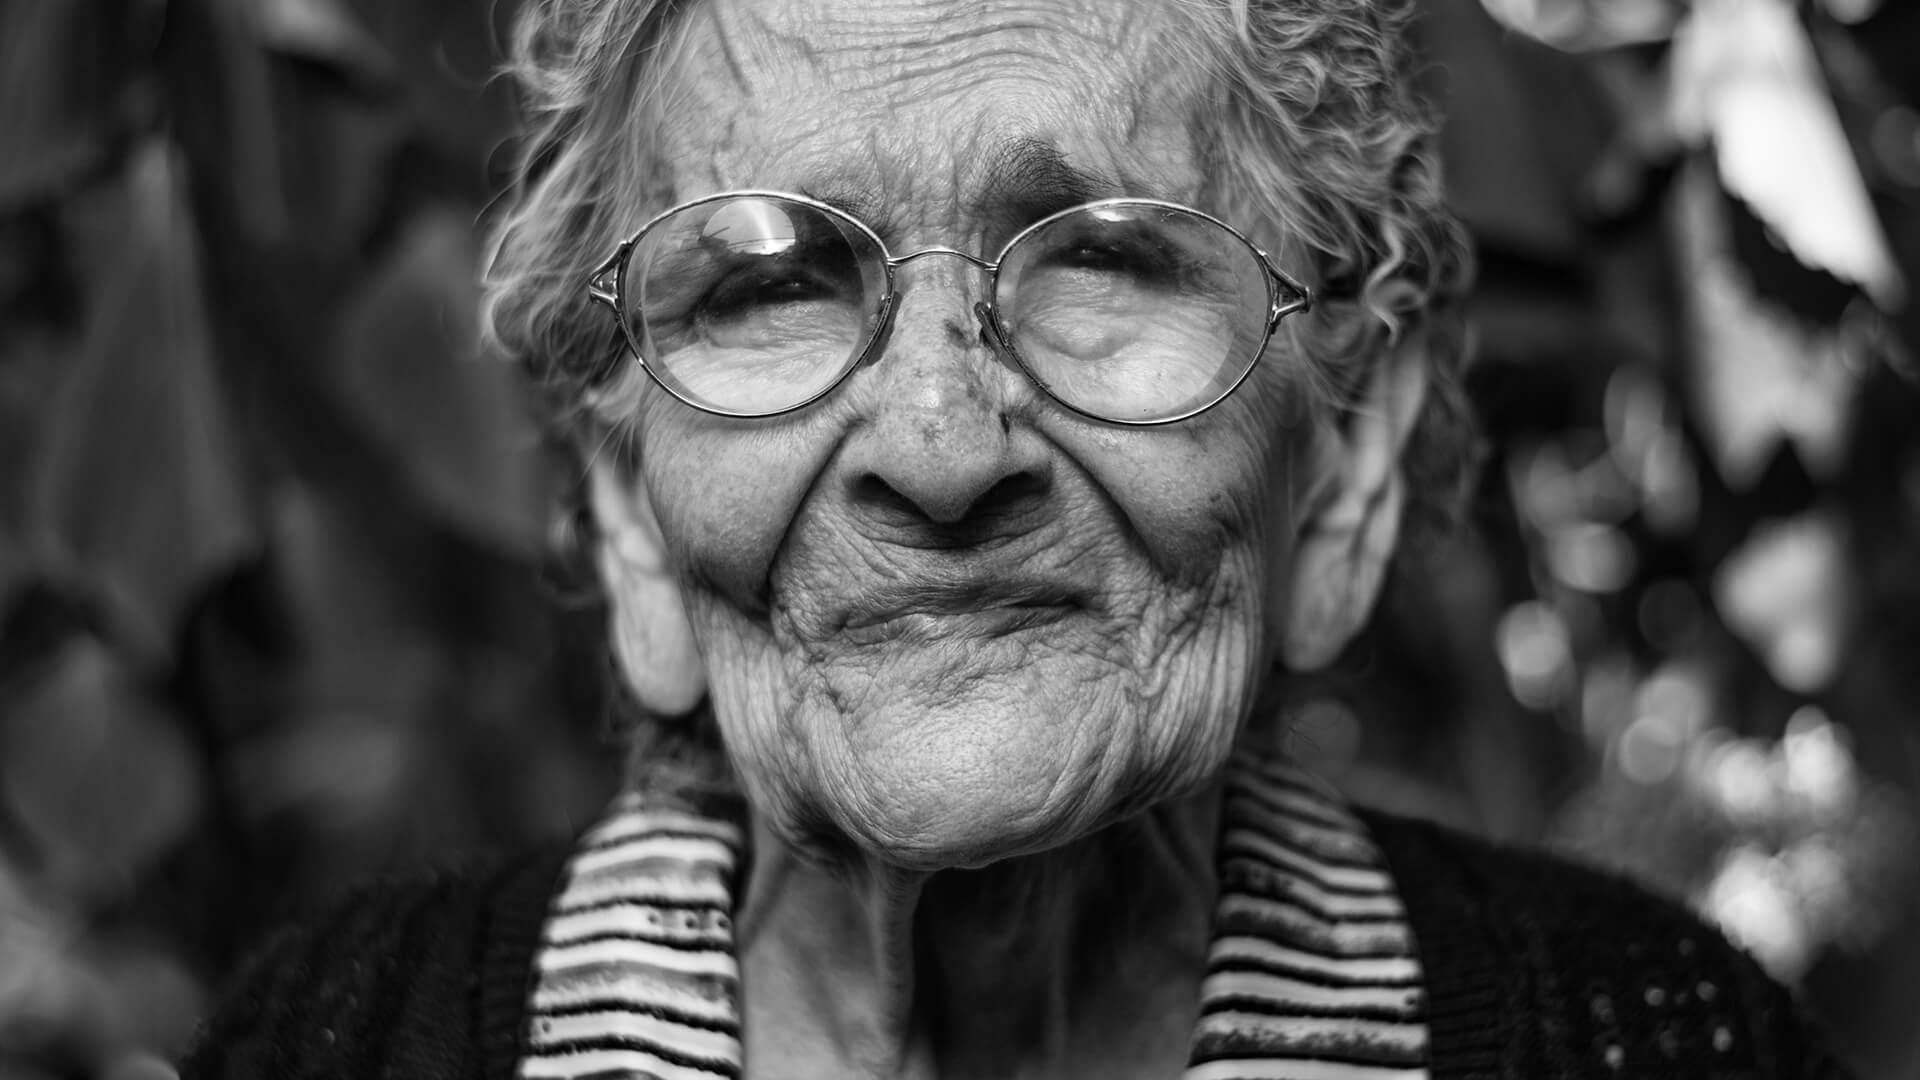 Das Alter spielt eine besondere Rolle